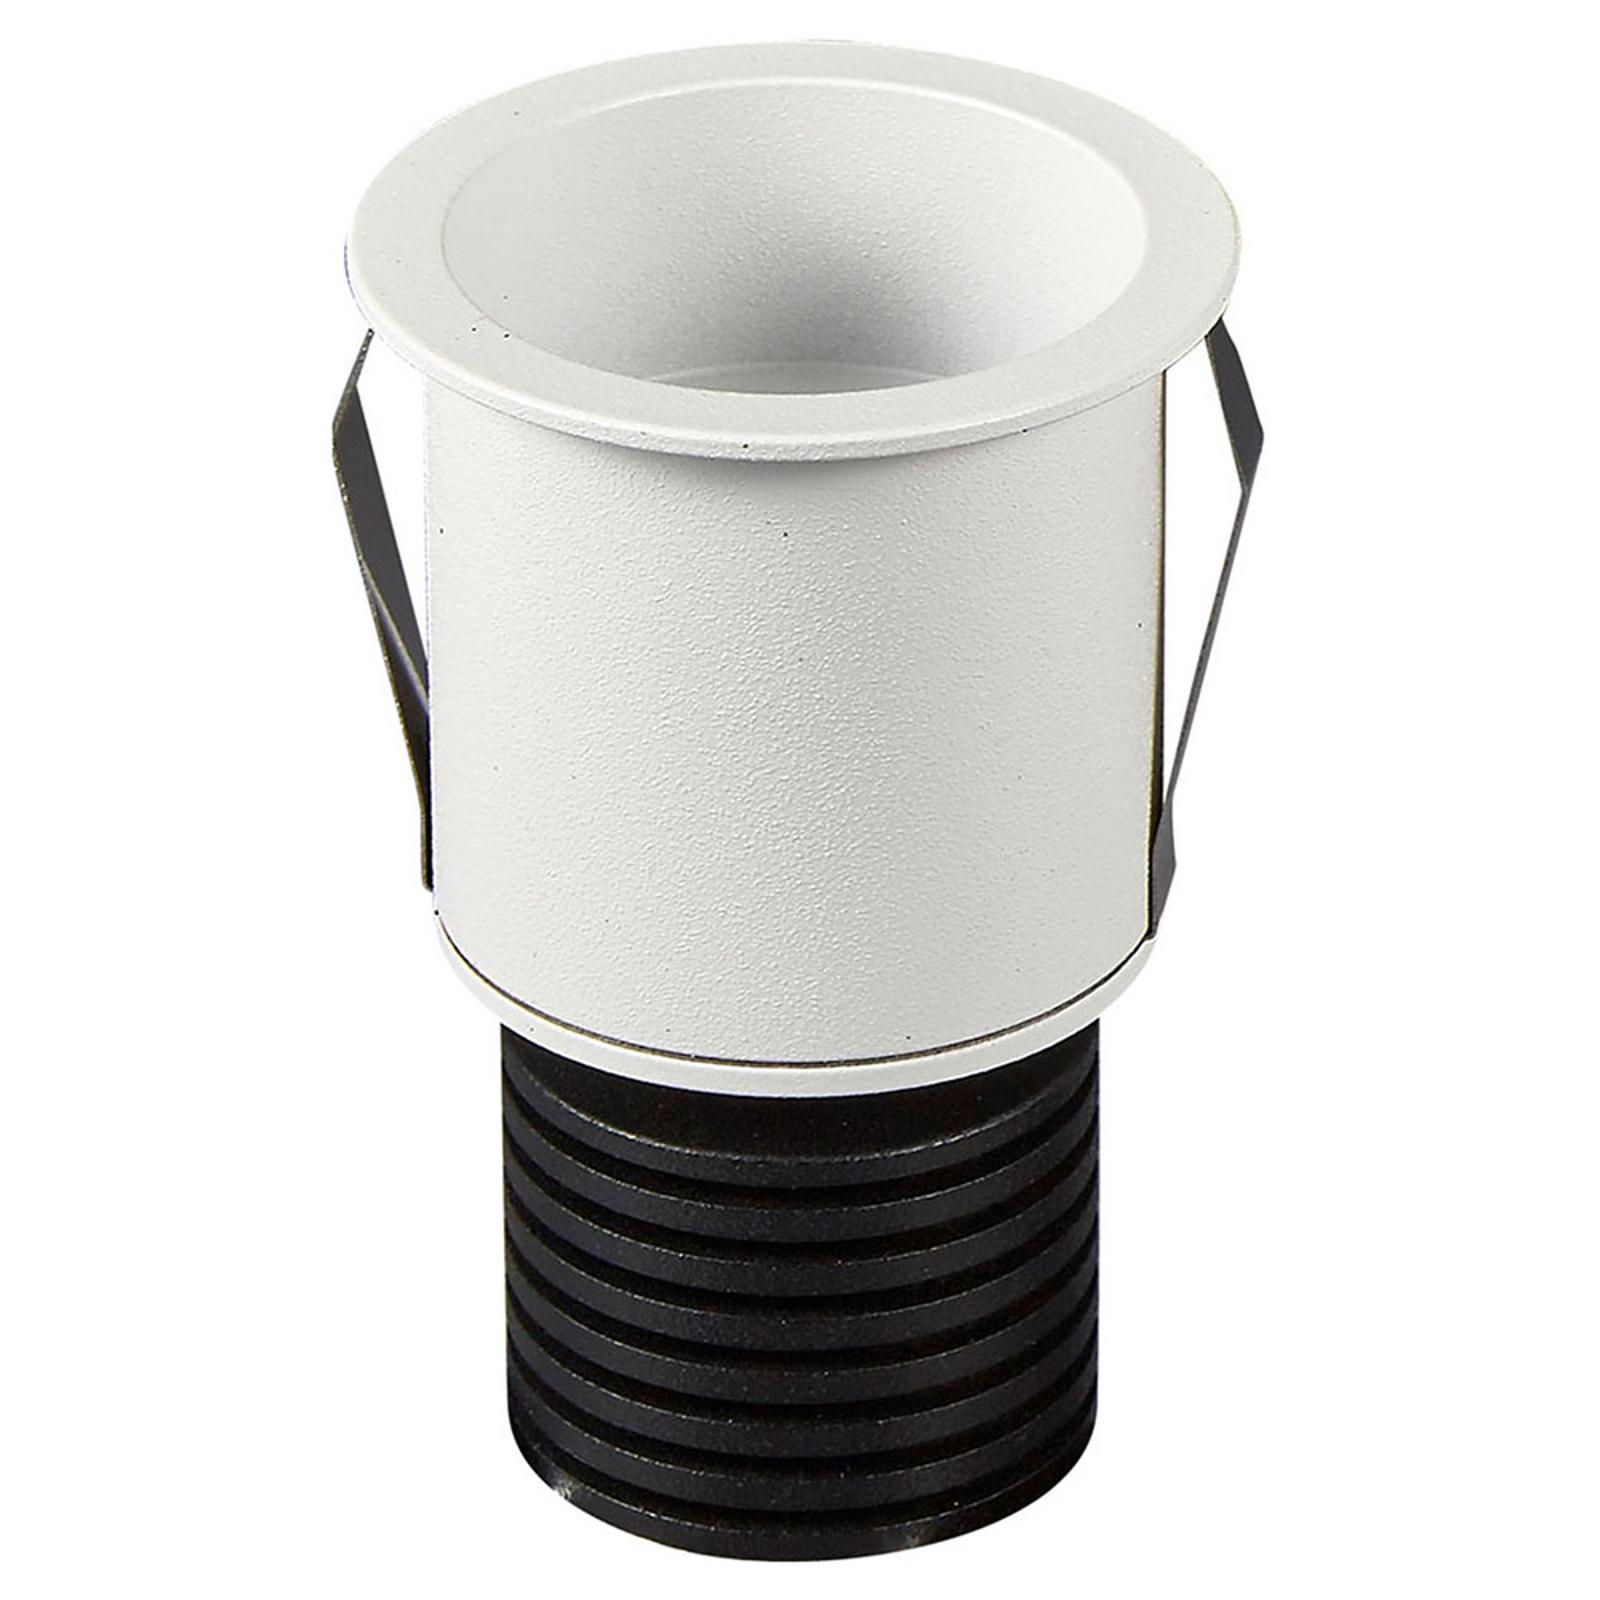 LED-Deckeneinbauleuchte Guincho weiß 12°